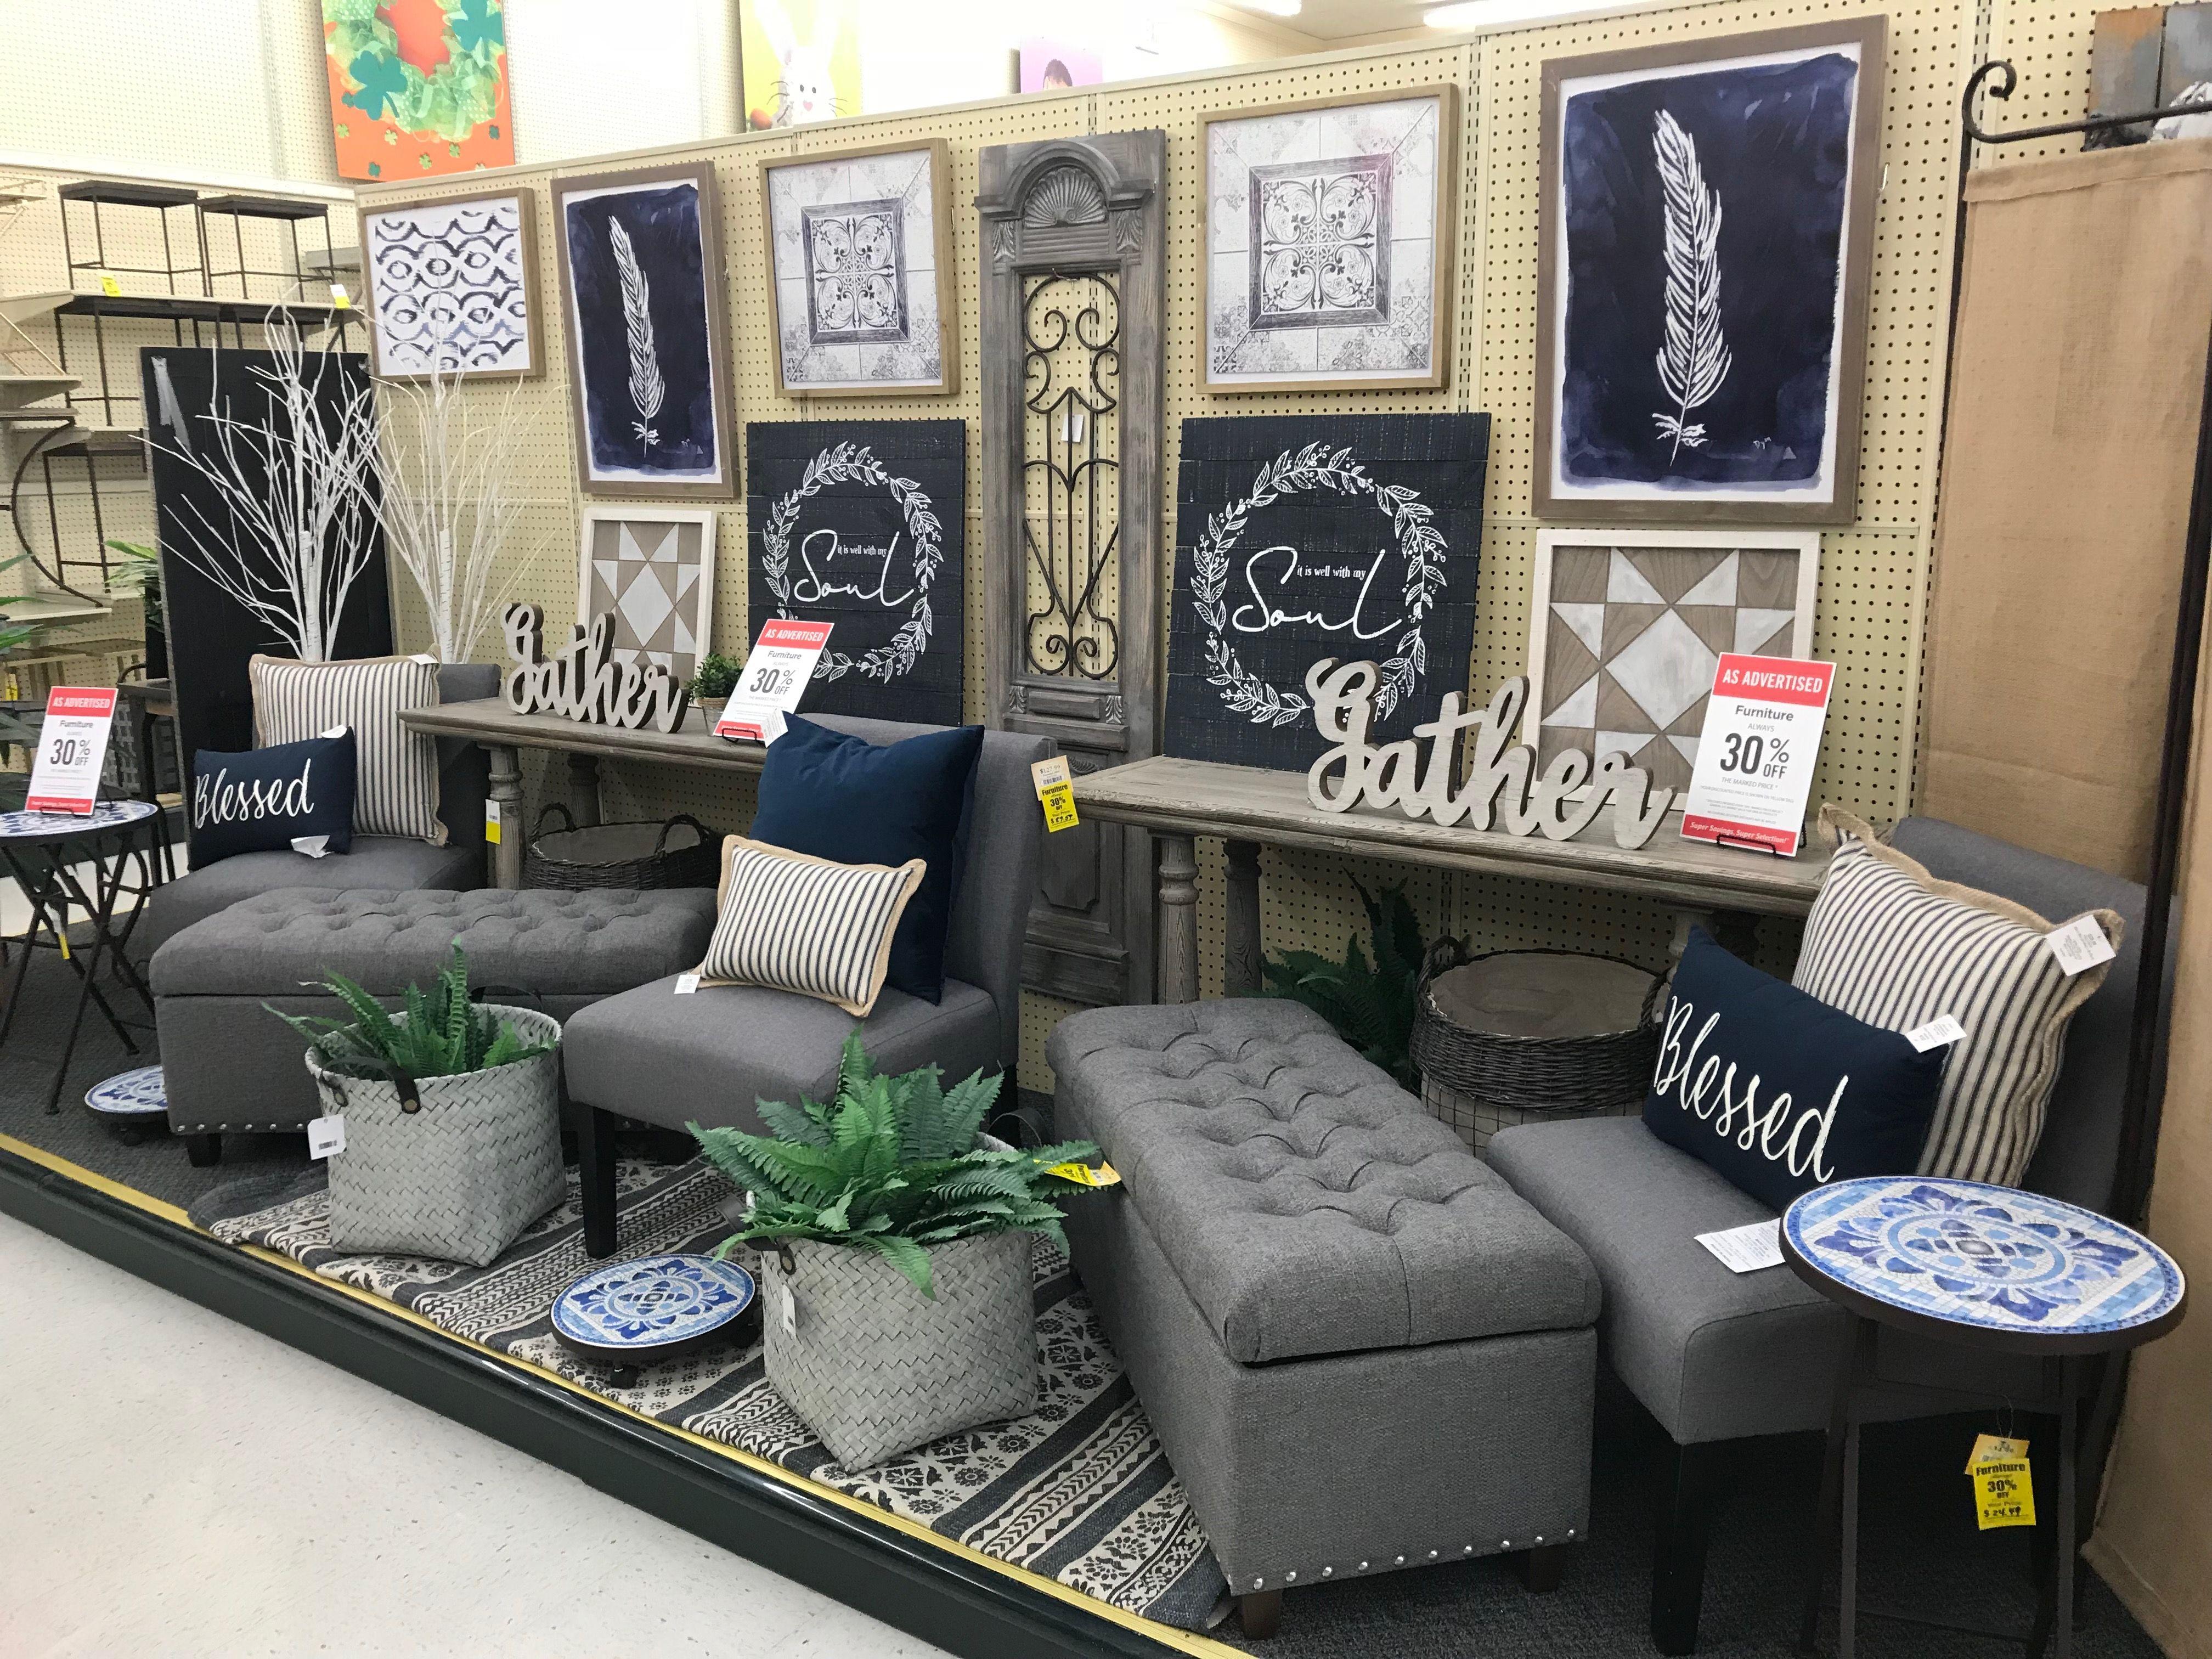 Hobby lobby Furniture 2018  Hobby Lobby Merchandising